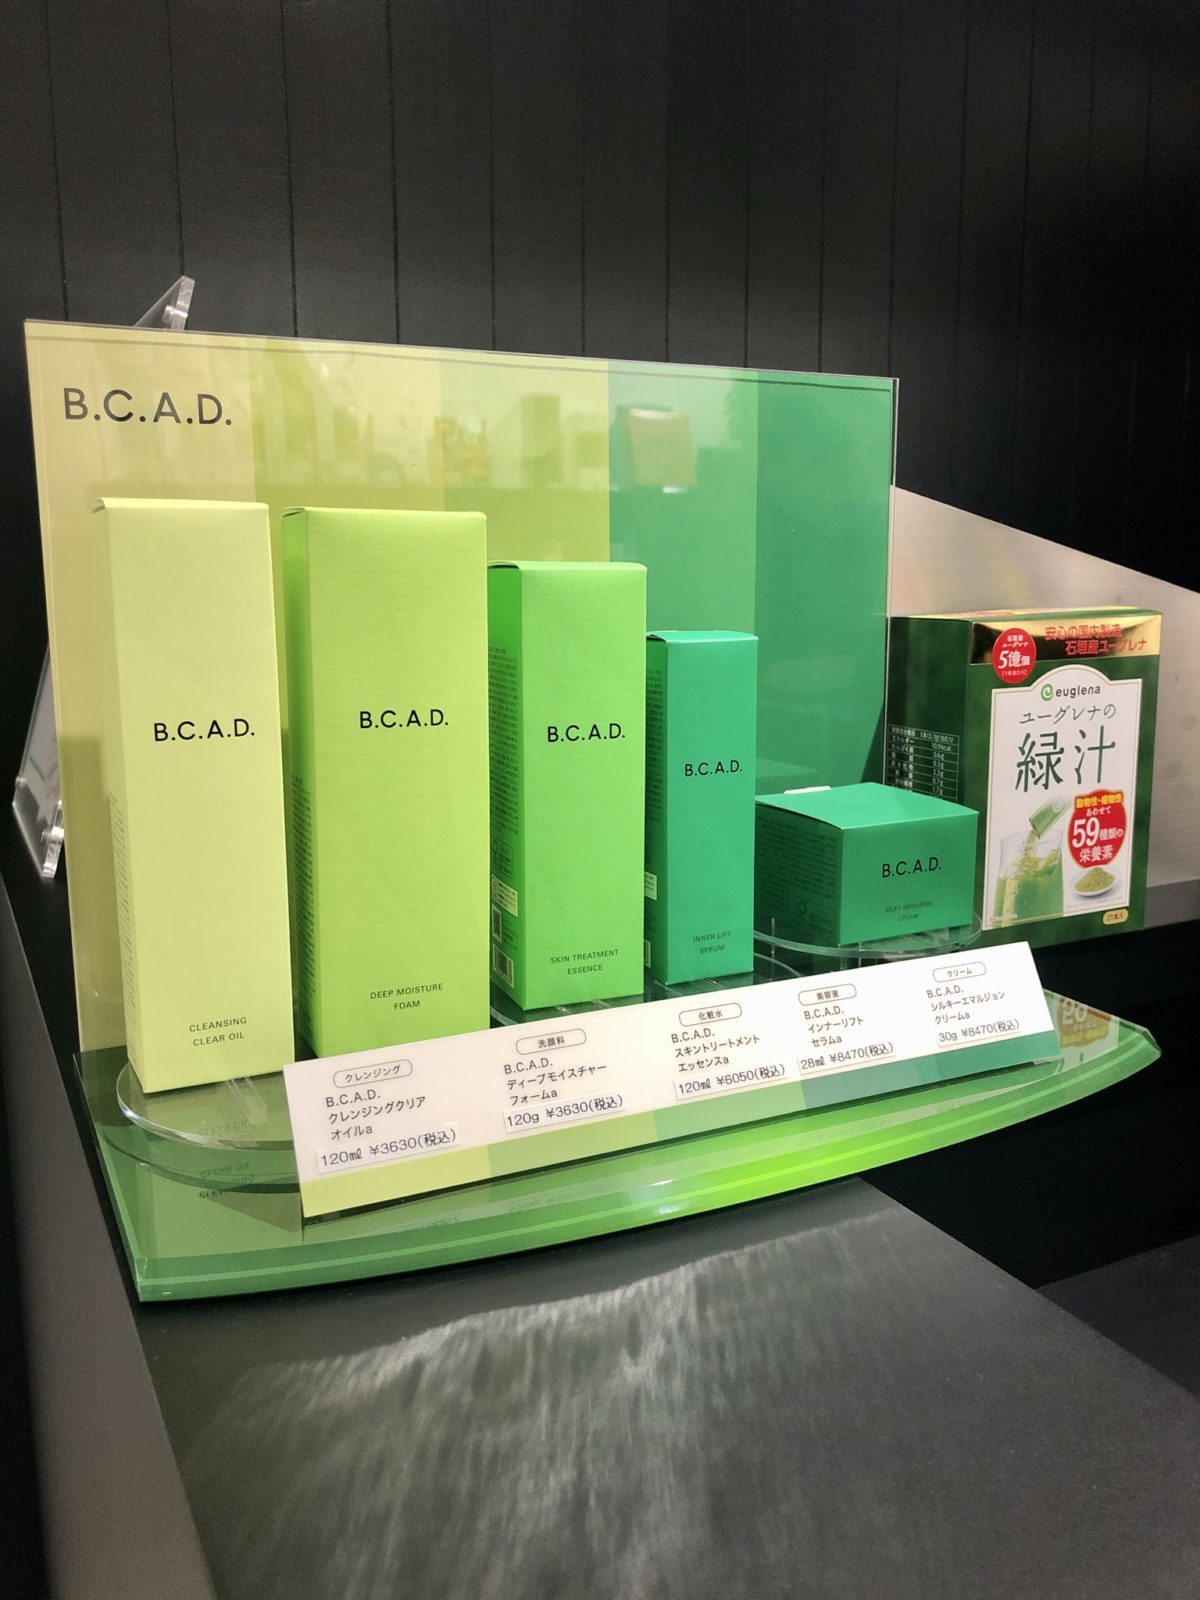 ユーグレナ・BCAD・緑汁